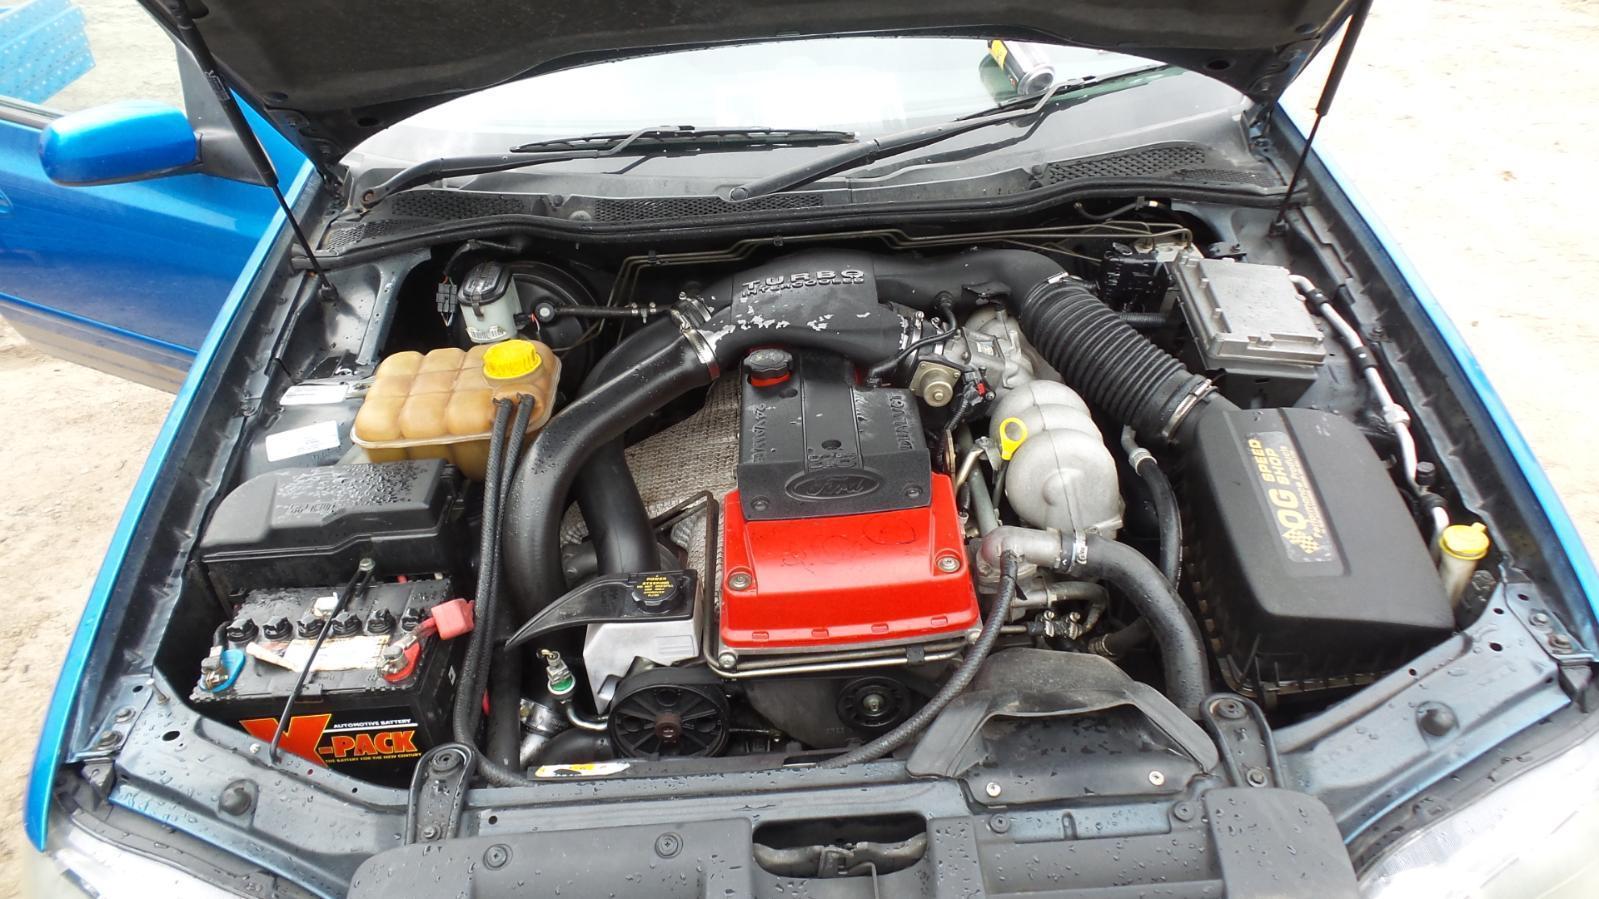 Ford Falcon Engine Ba  4 0 Dohc  Turbo  240kw  W   Turbo